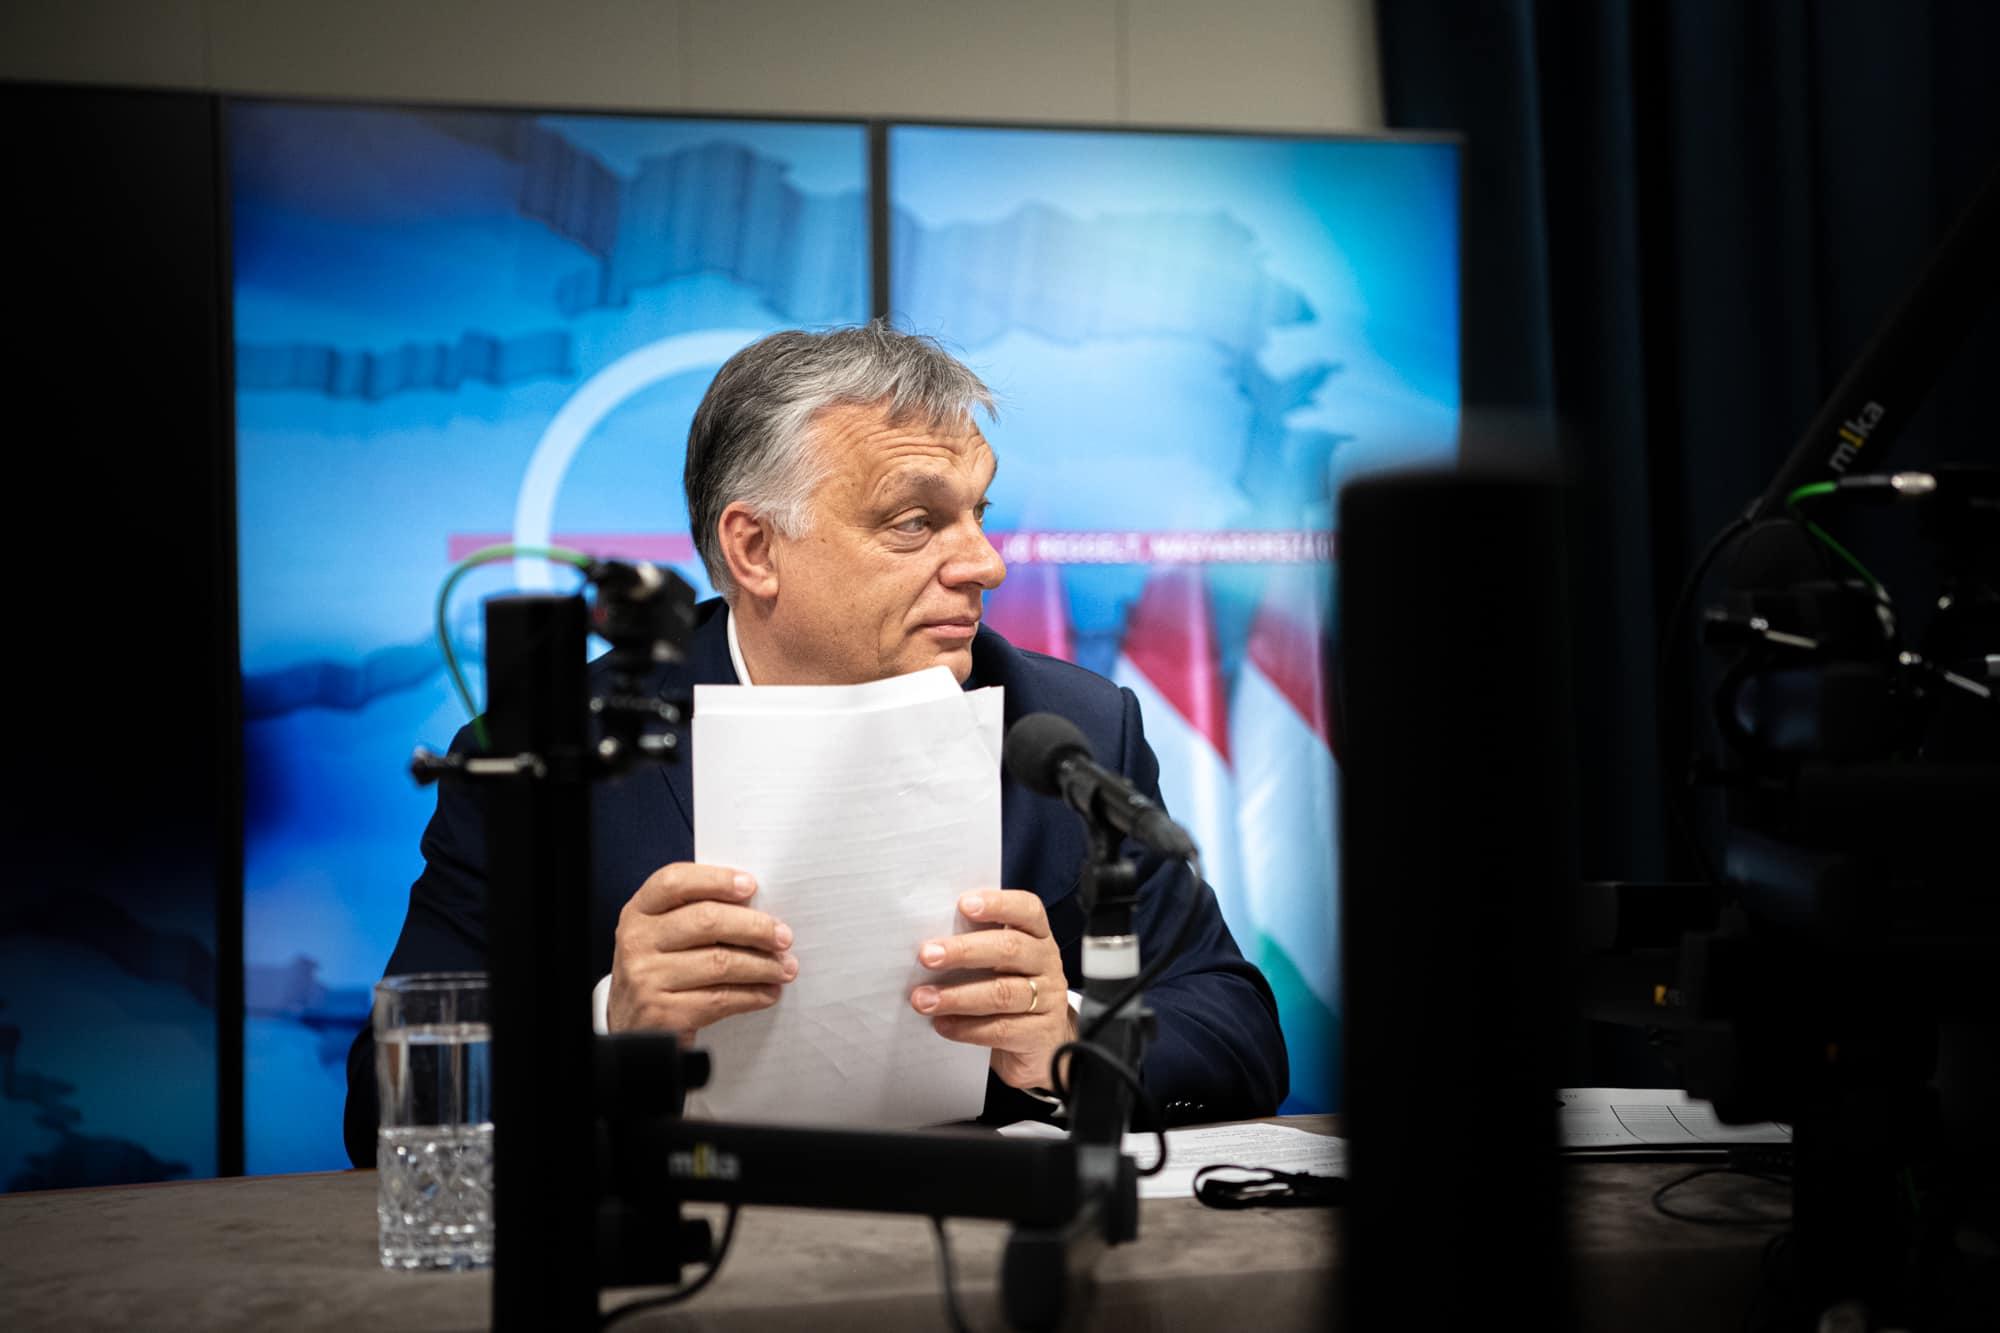 Orbán nyíltan elismerte, hogy világnézeti alapon válogatják ki az egyetemi kuratóriumok tagjait